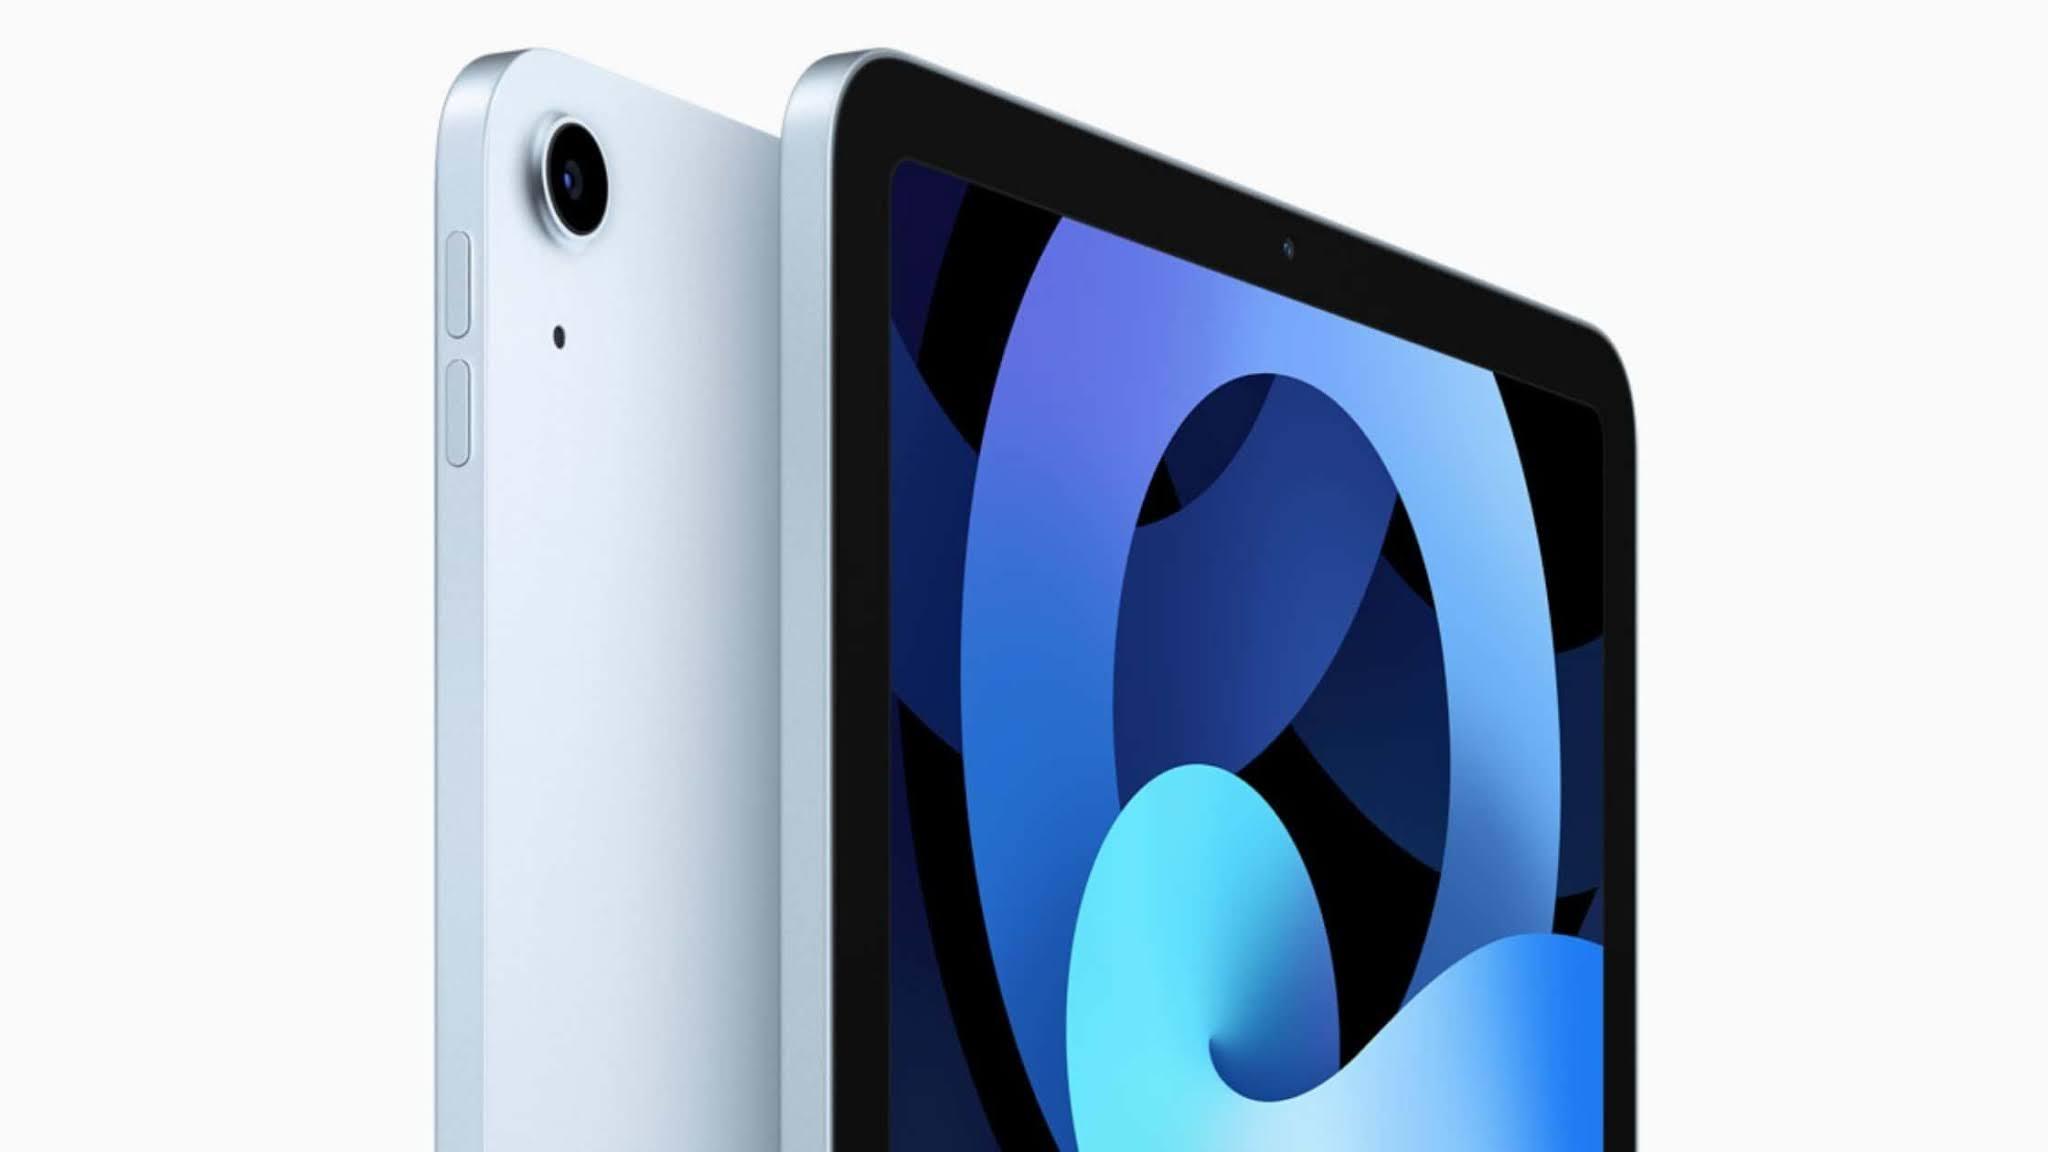 iPad: Pro 2020 vs Air 2020 | Specification Comparison